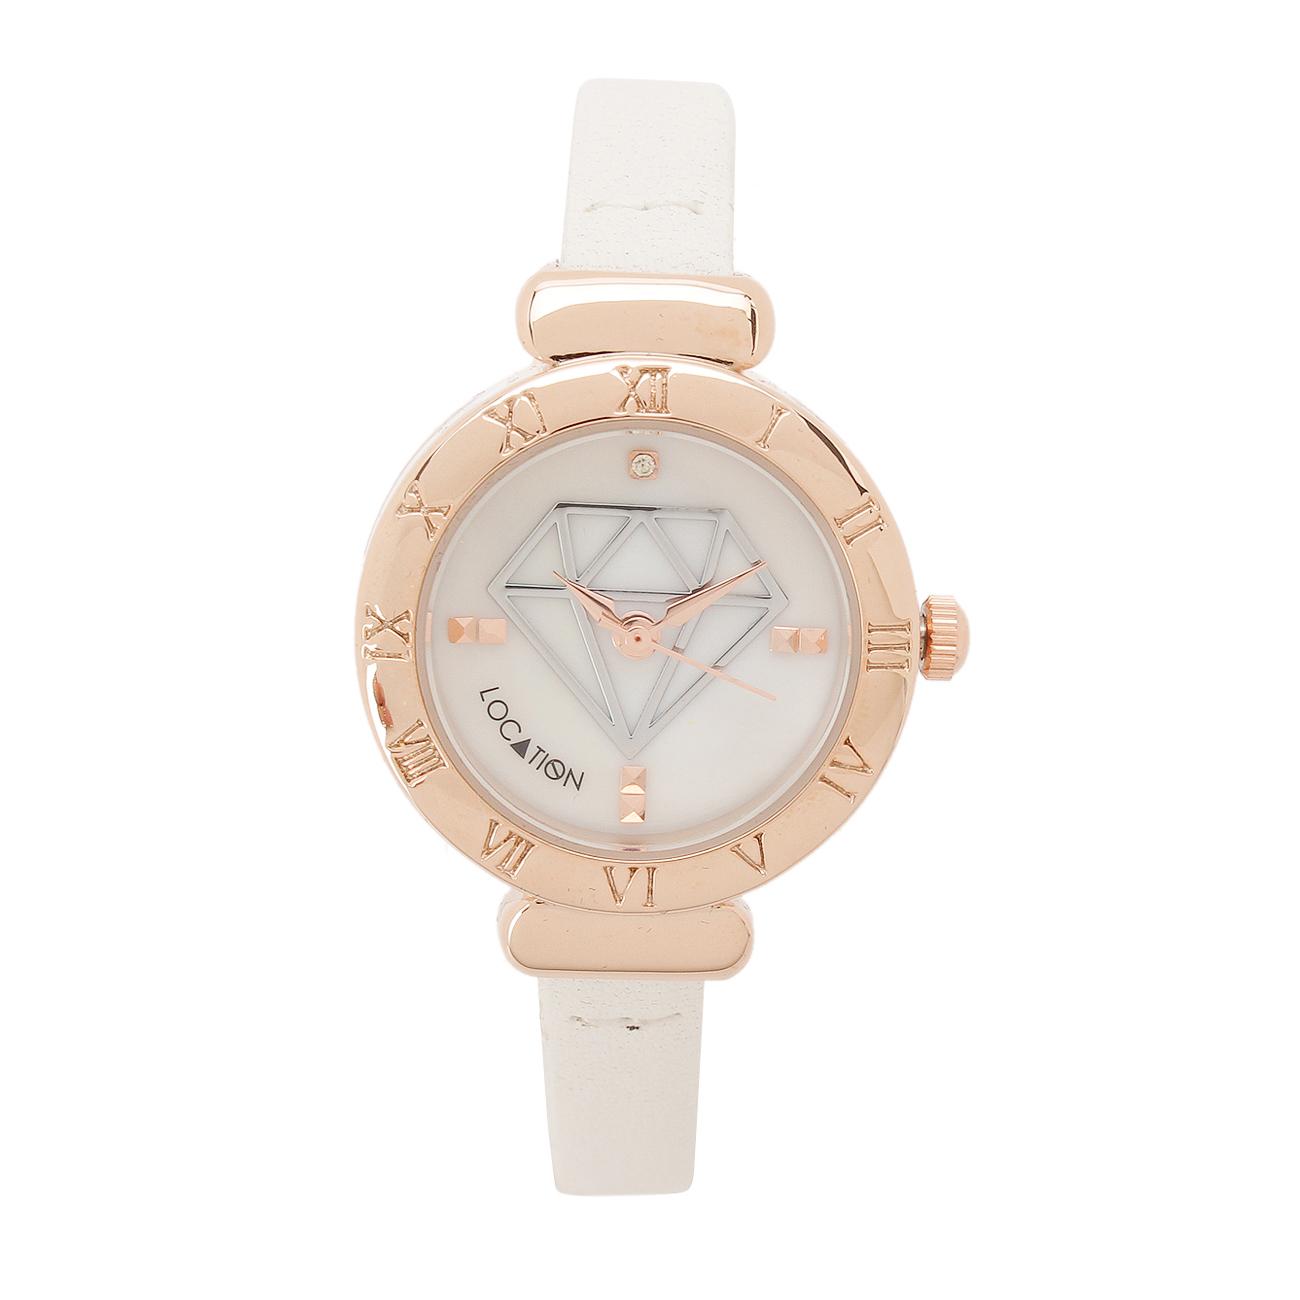 【LOCATION (ロケーション)】ダイヤデザインラウンドウォッチレディース 雑貨|腕時計 ホワイト